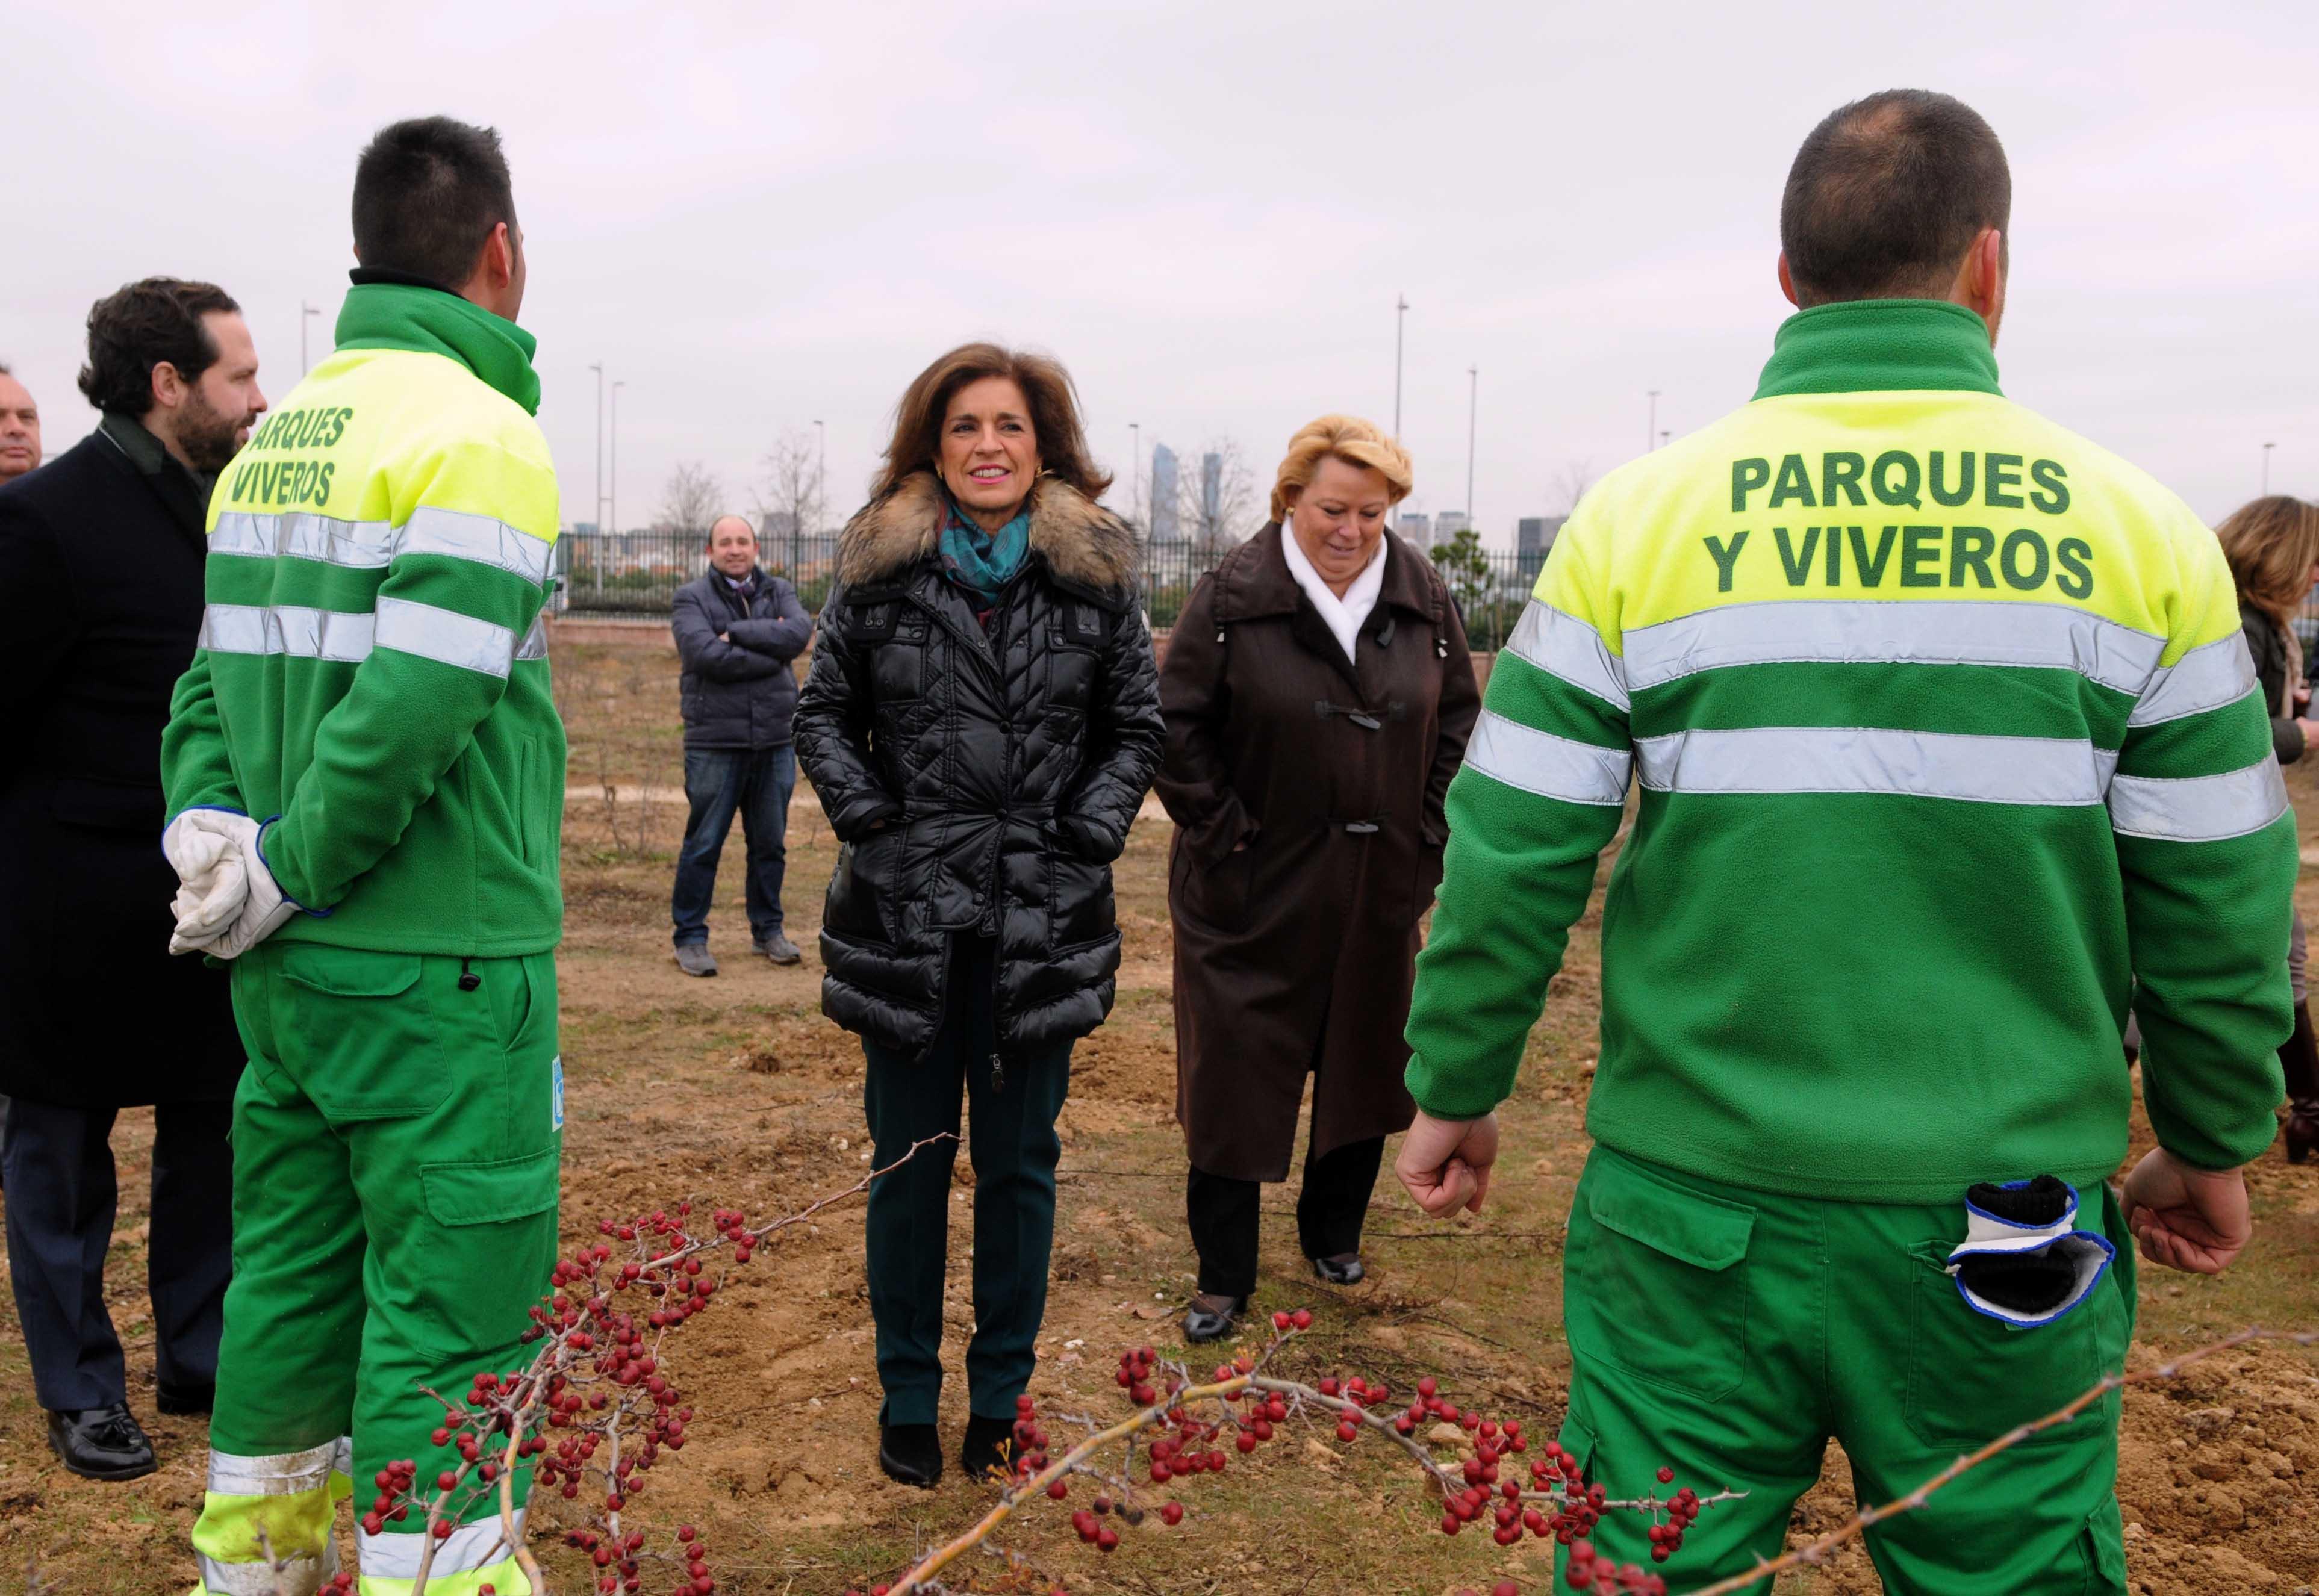 Se necesita jardinero madrid best excellent reformas integrales empresas de limpieza de - Trabajo jardinero madrid ...